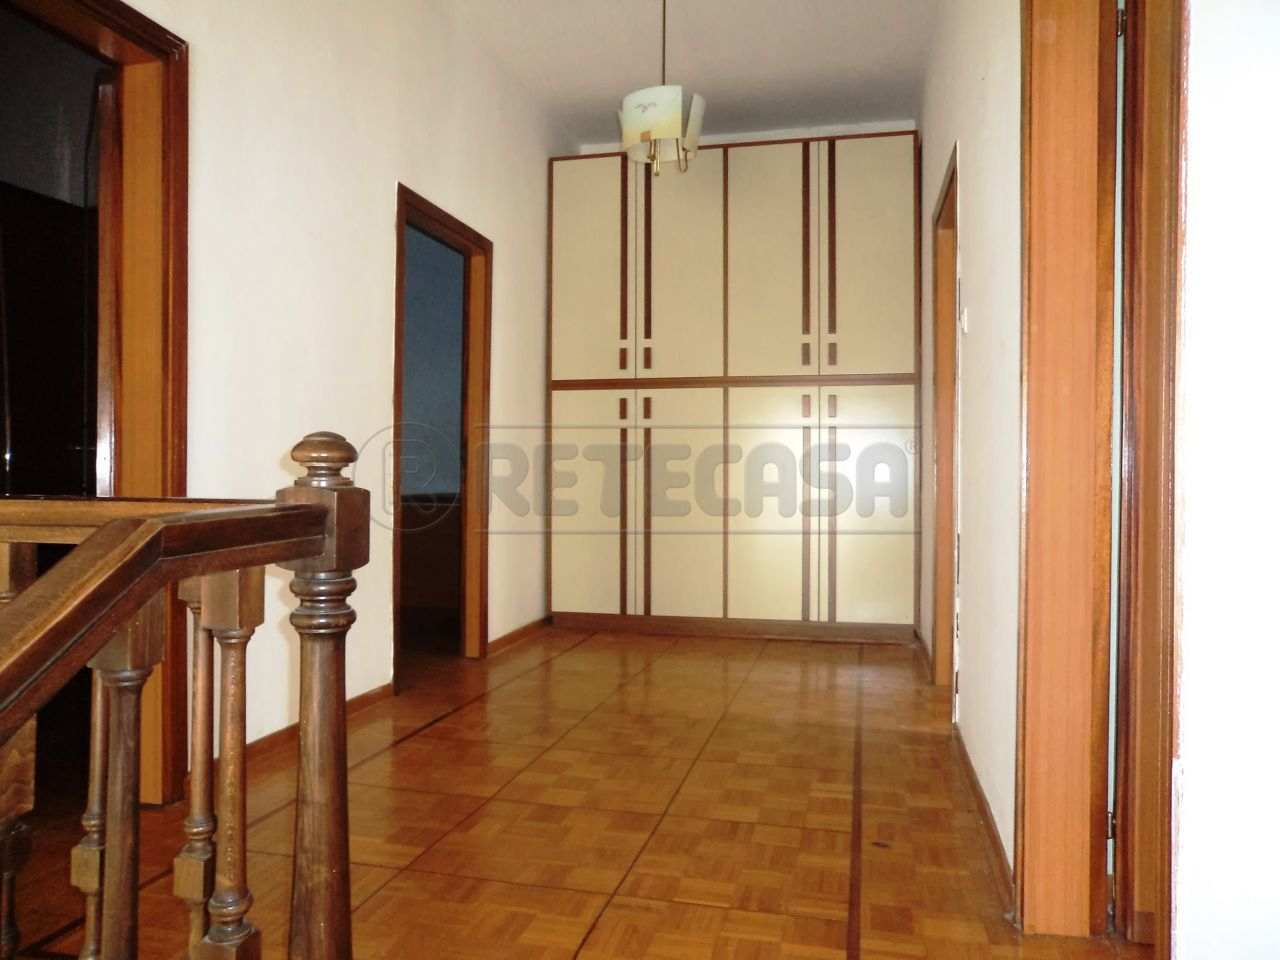 Soluzione Semindipendente in vendita a Camposampiero, 8 locali, prezzo € 130.000 | Cambio Casa.it